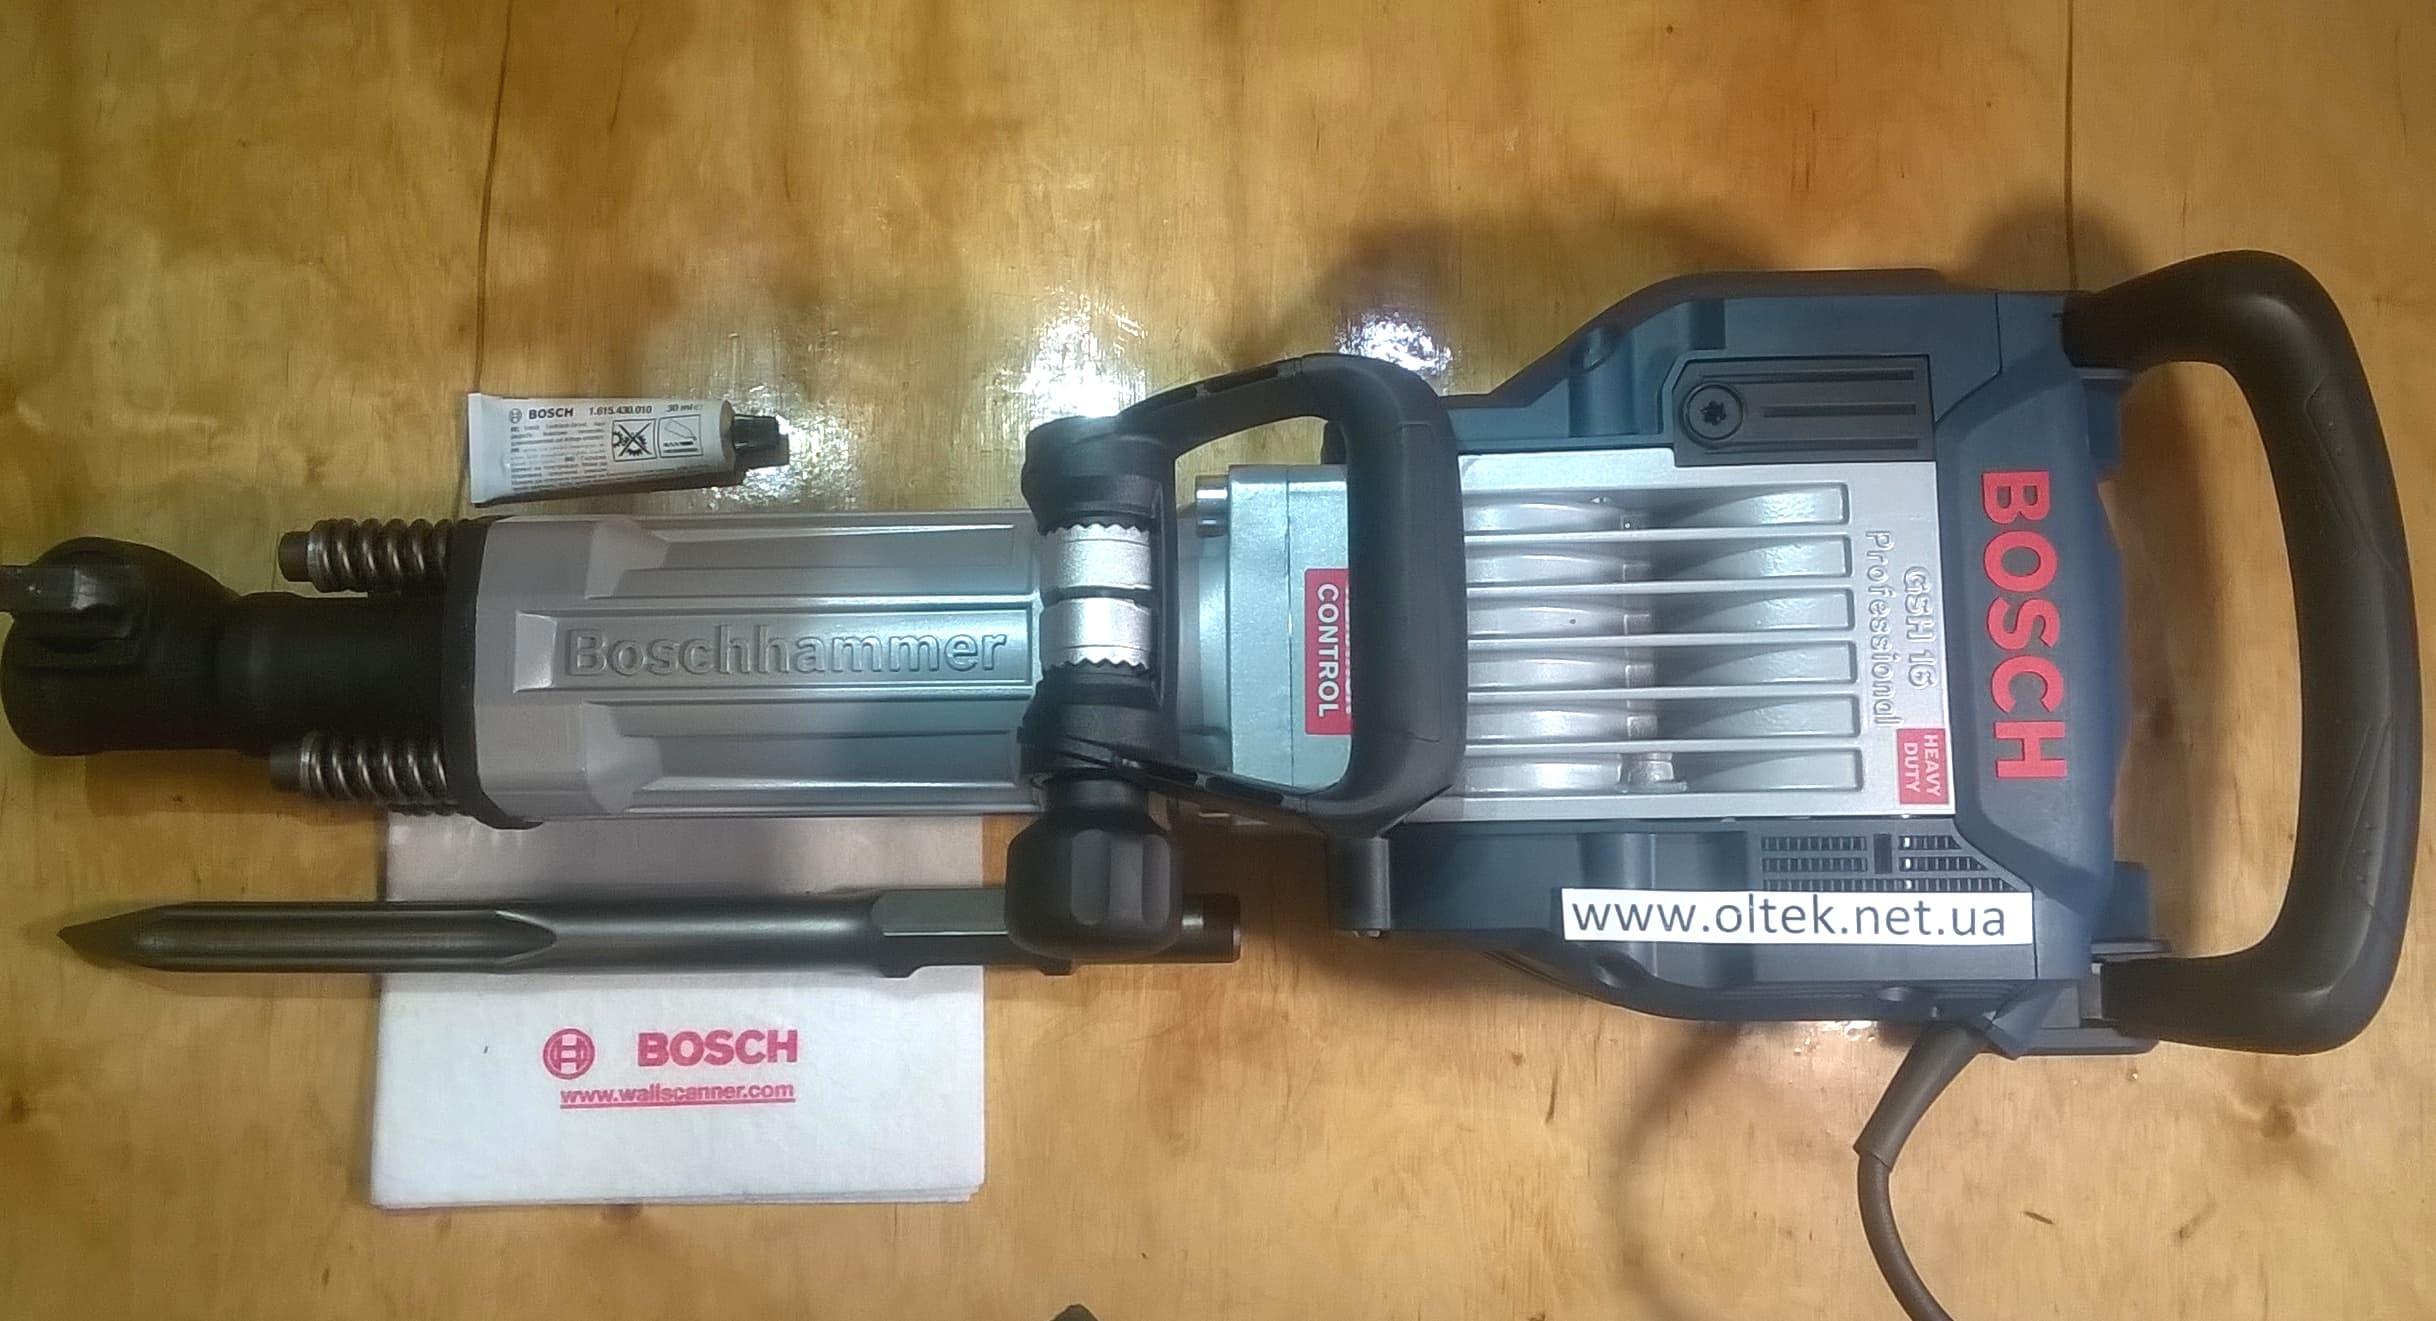 Bosch-GSH-16-30